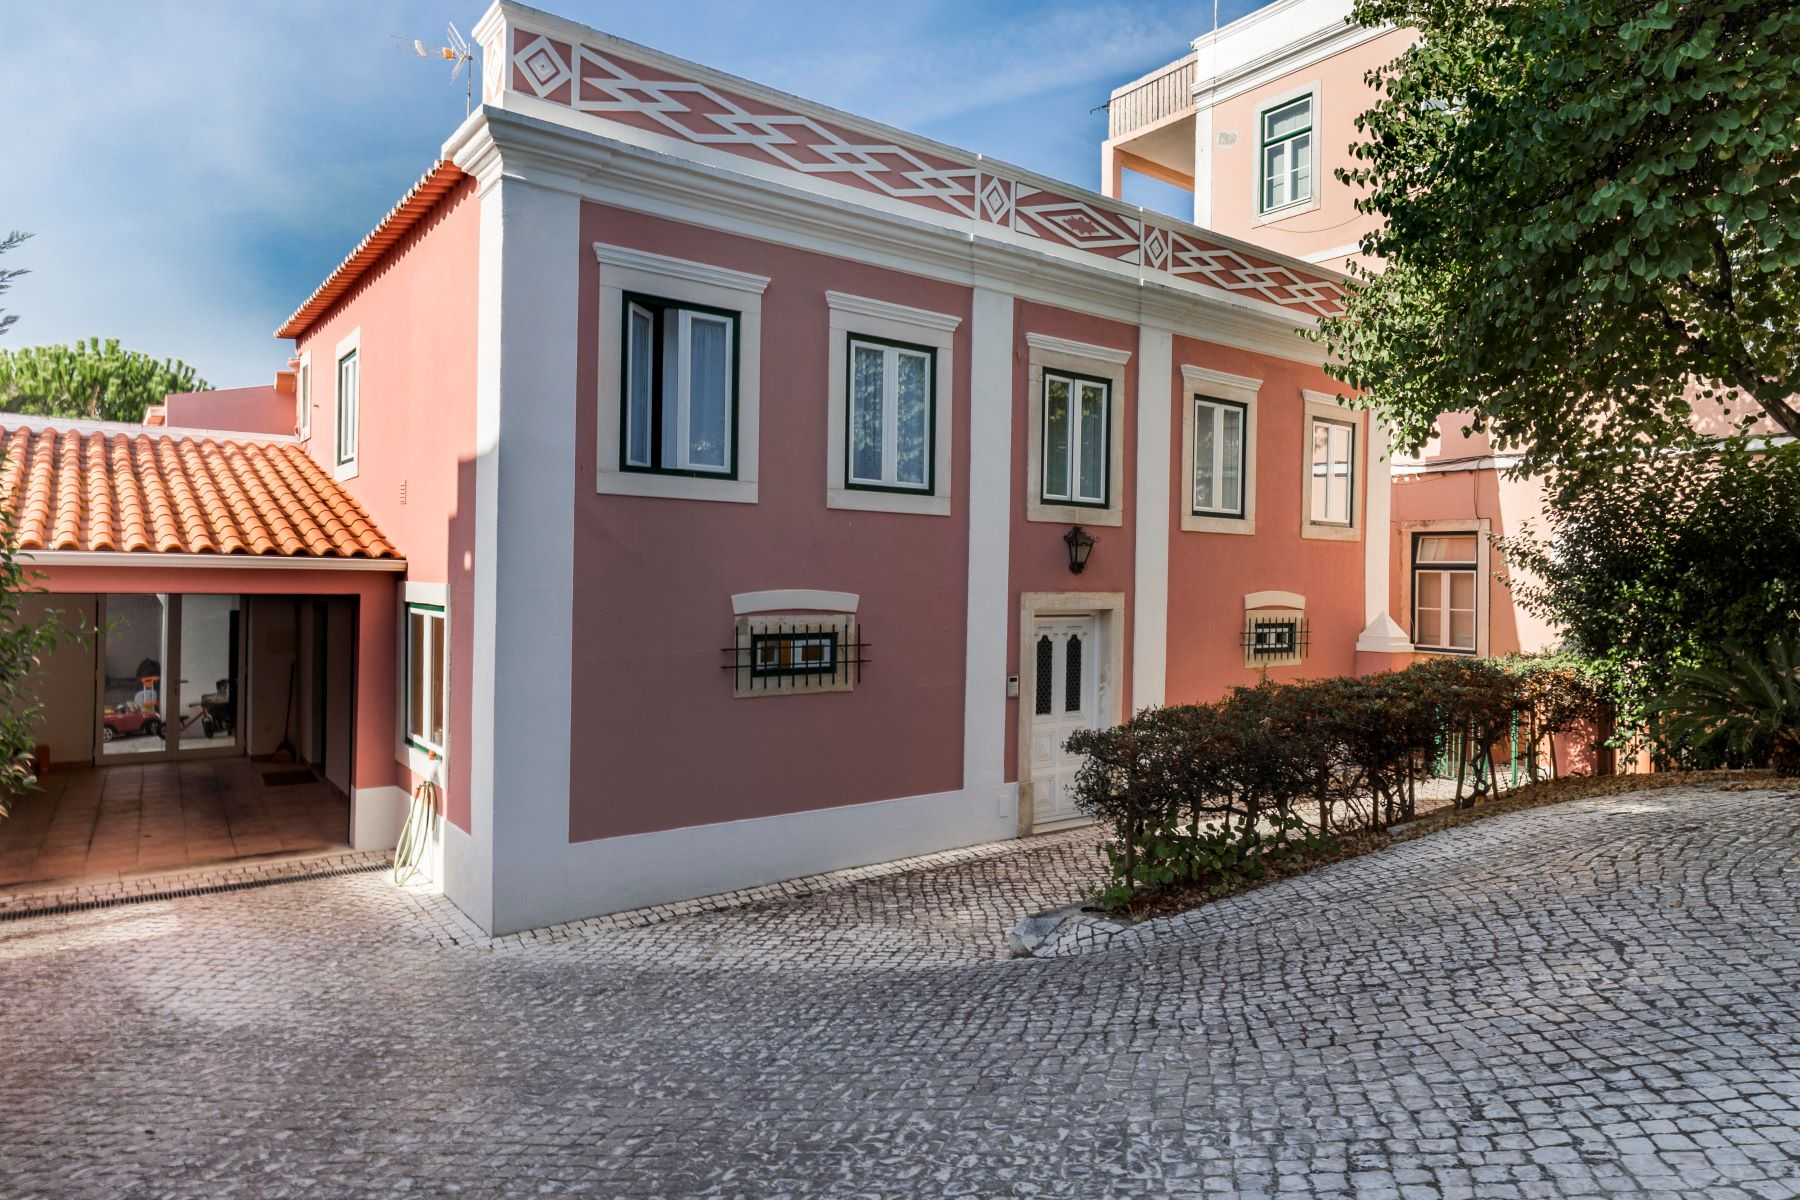 Single Family Homes for Sale at House, 4 bedrooms, for Sale Santarem, Santarem Portugal